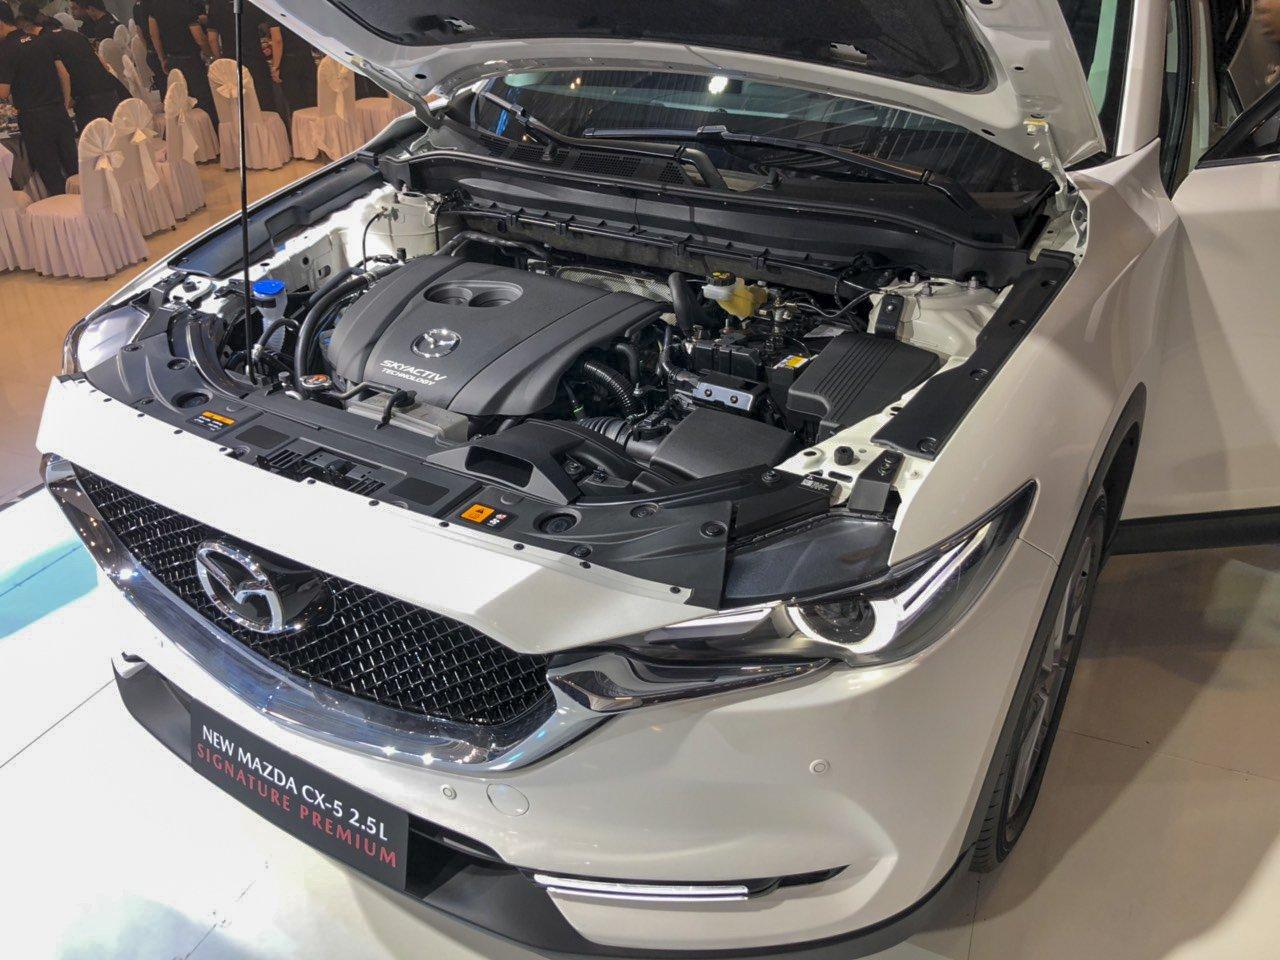 Đánh giá xe Mazda CX-5 2019: Động cơ 2.0L và 2.5L không thay đổi.